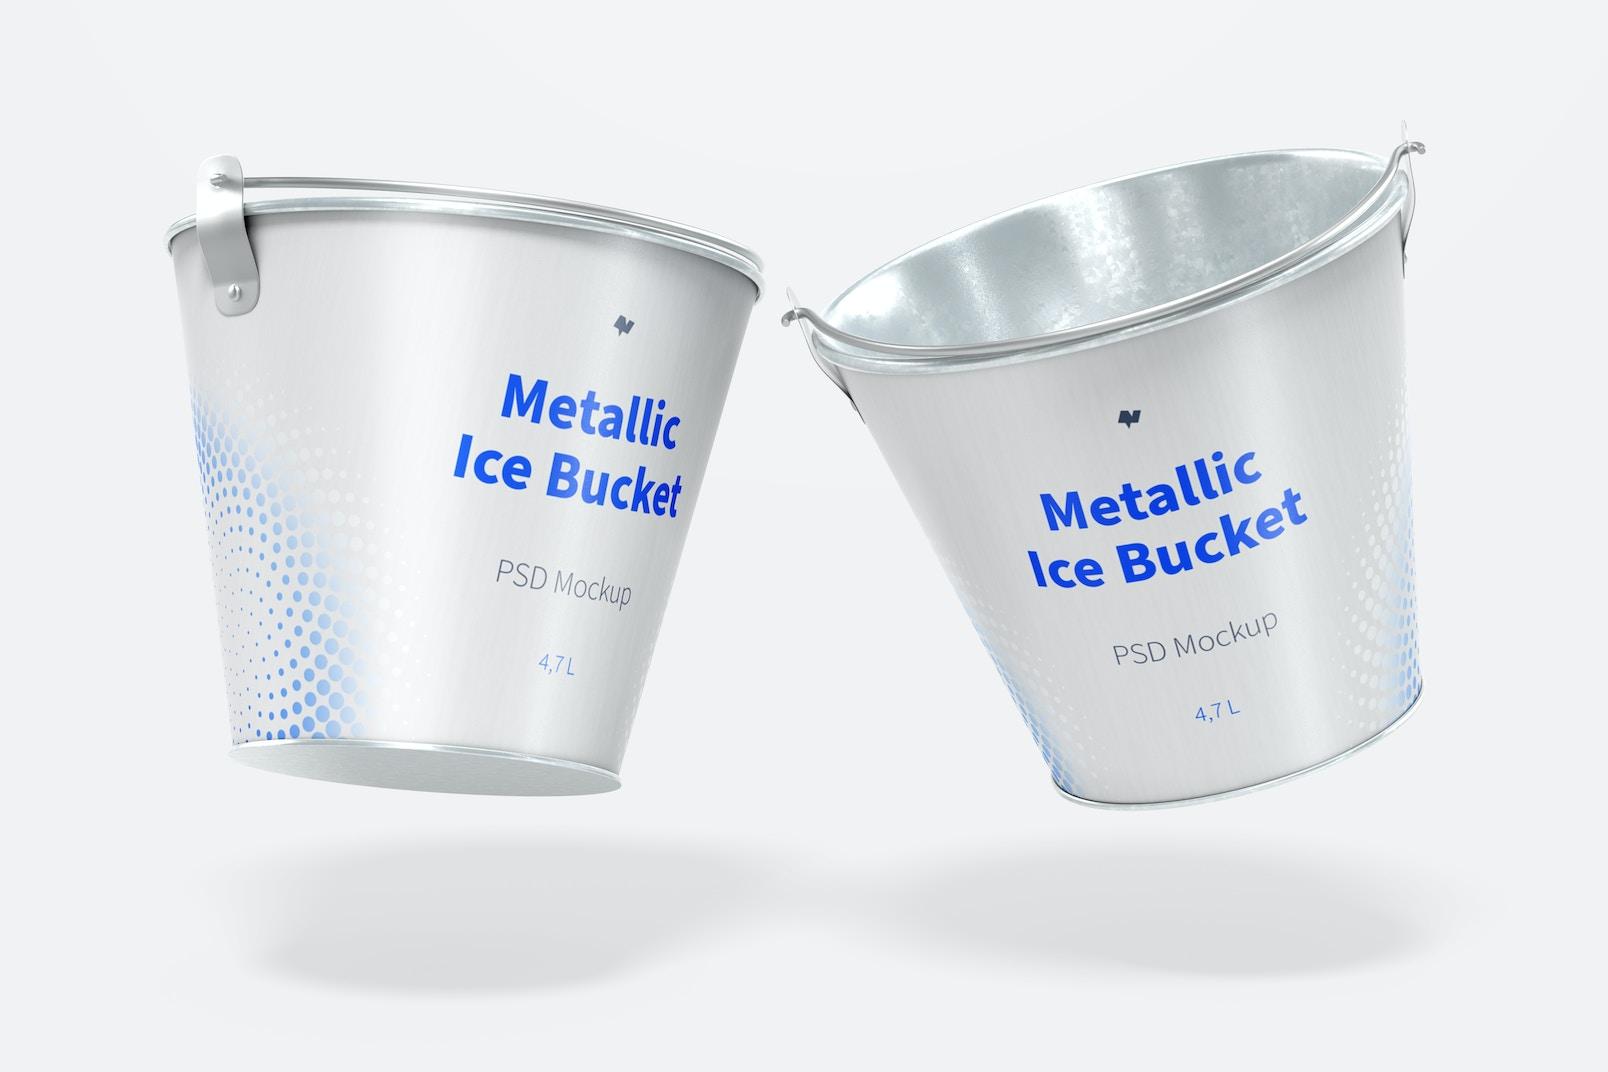 Metallic Ice Bucket Mockup, Falling